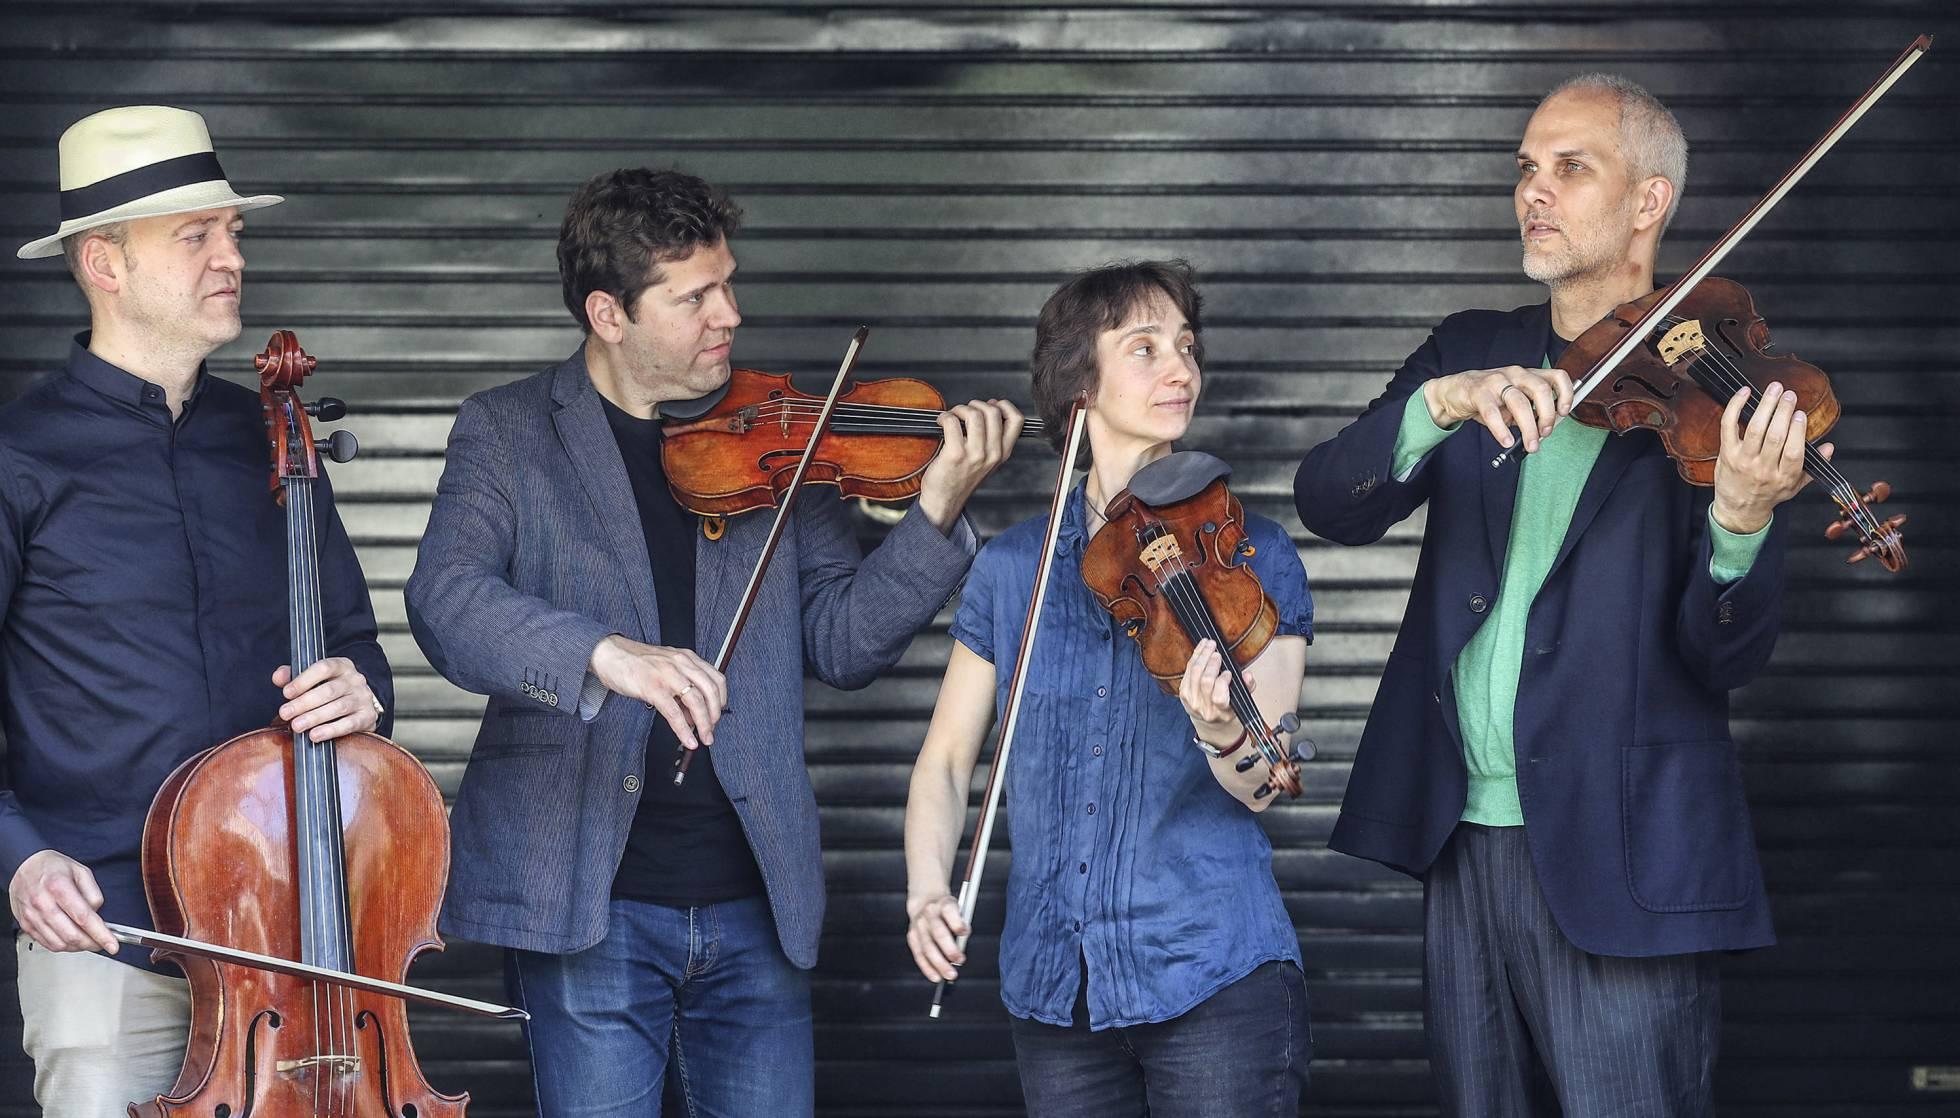 La Orquesta Sinfónica de Navarra 18/19, hacia los jóvenes